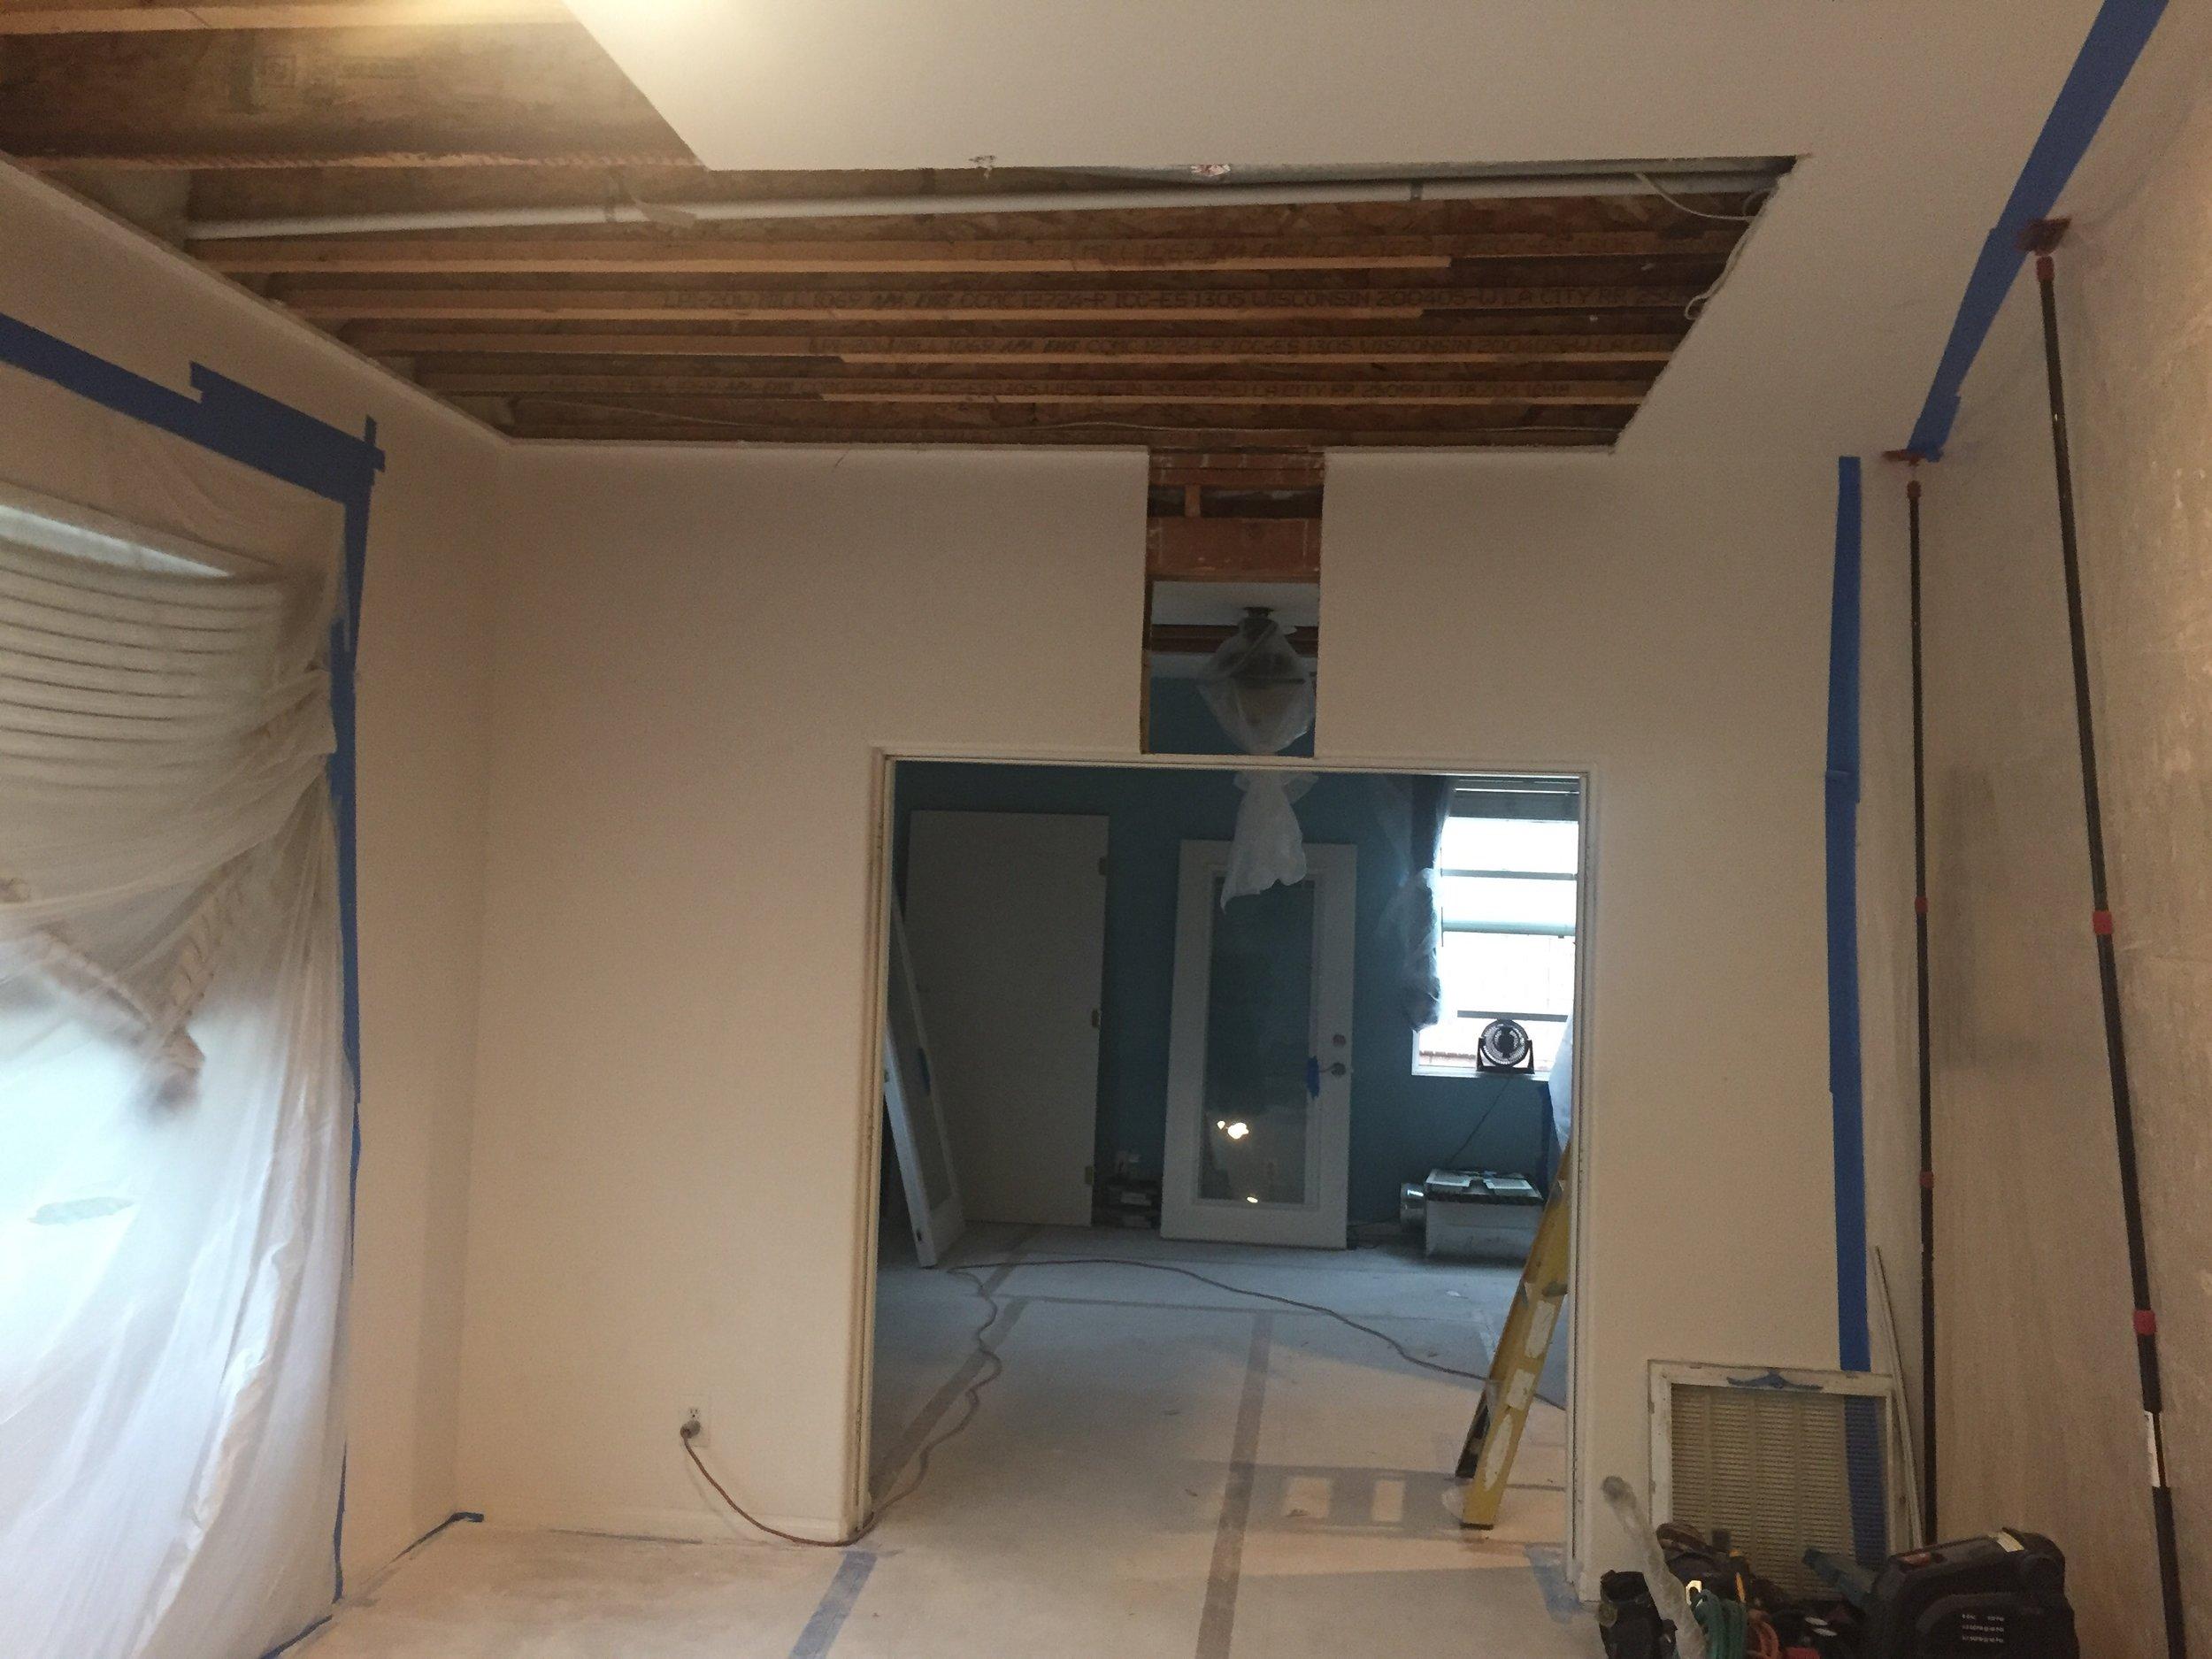 Overhead lift ceiling reinforcement